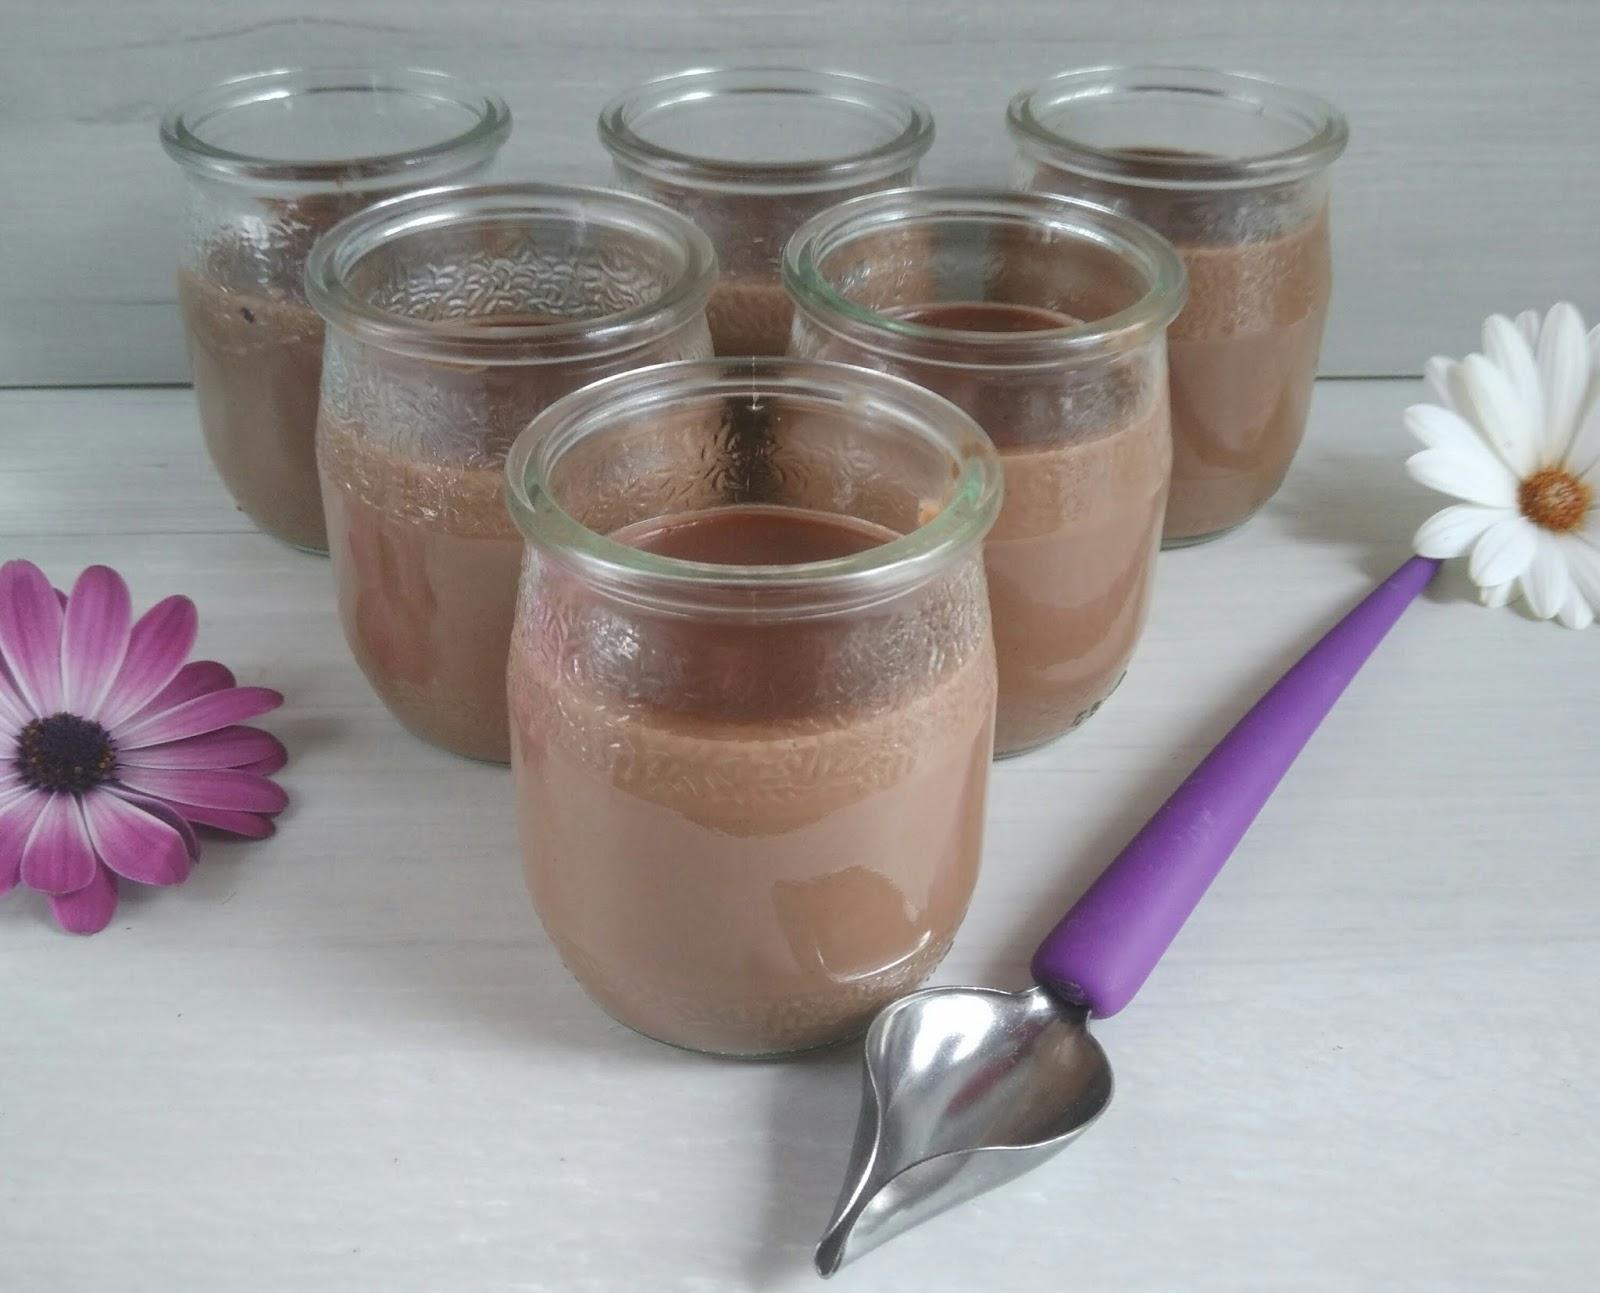 Petits pots de cr me nutella maison healthy nathychef - Petit pot de nutella ...